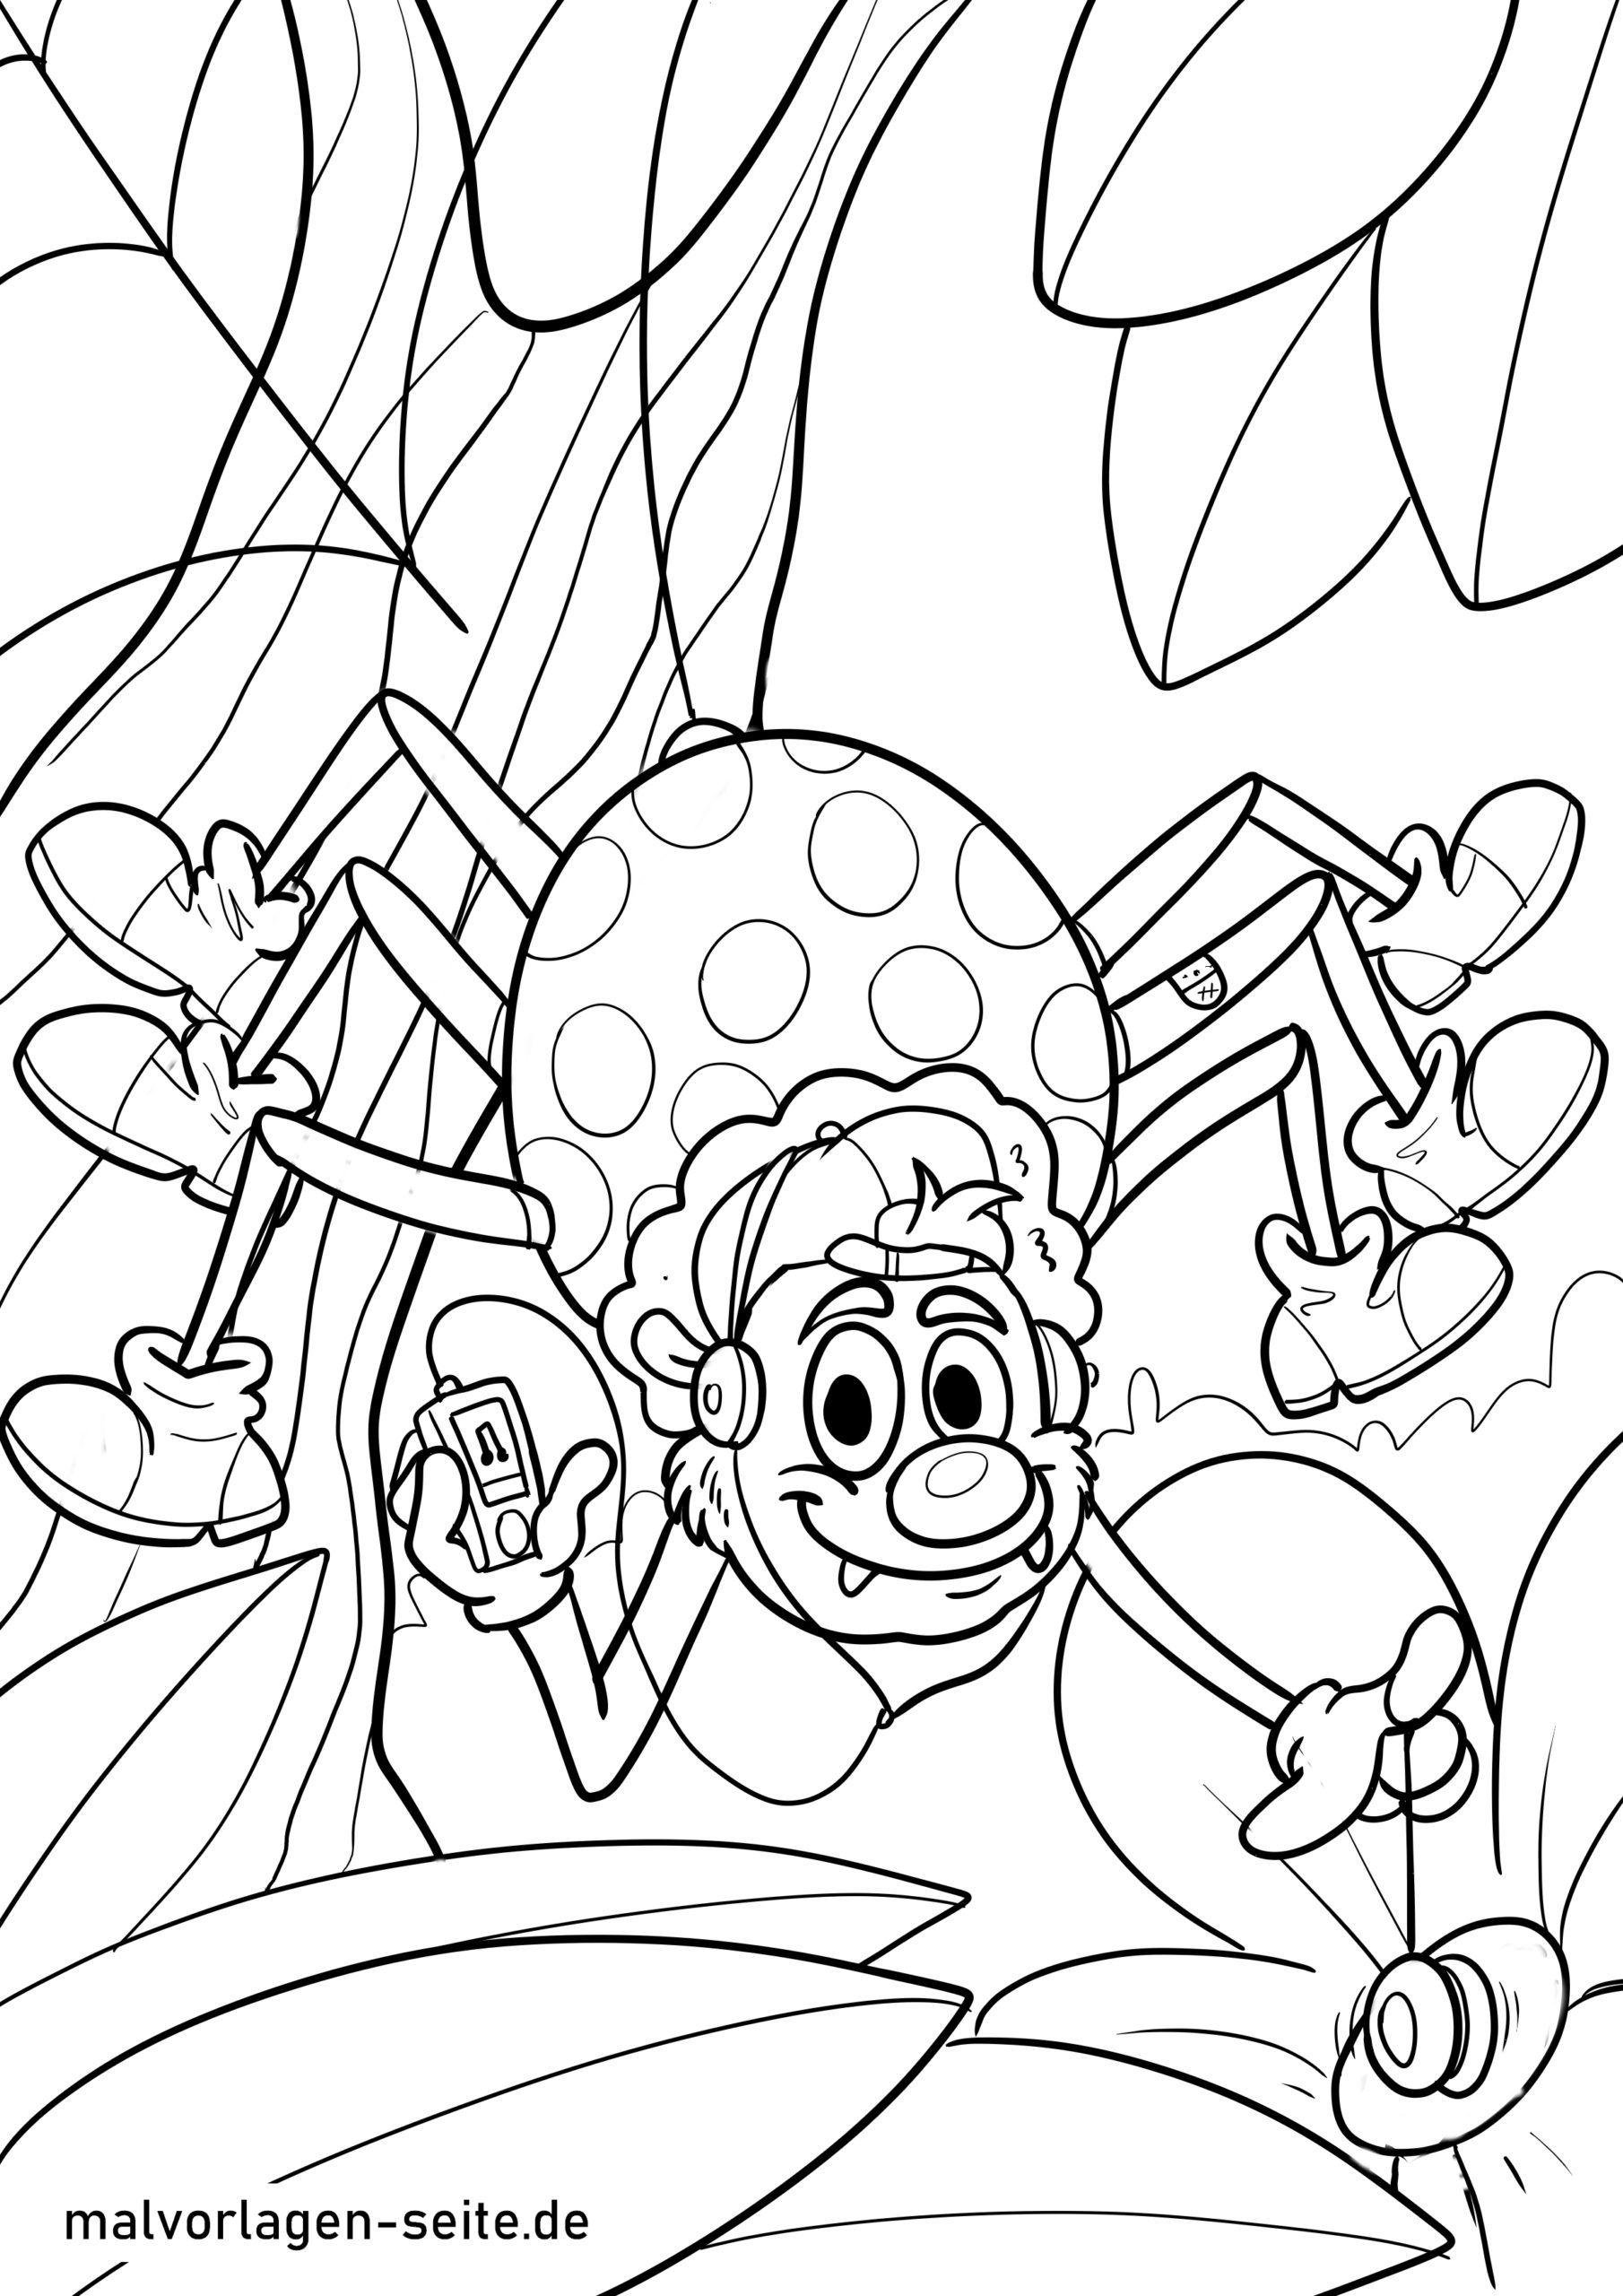 malvorlage spinne  ausmalbilder kostenlos herunterladen